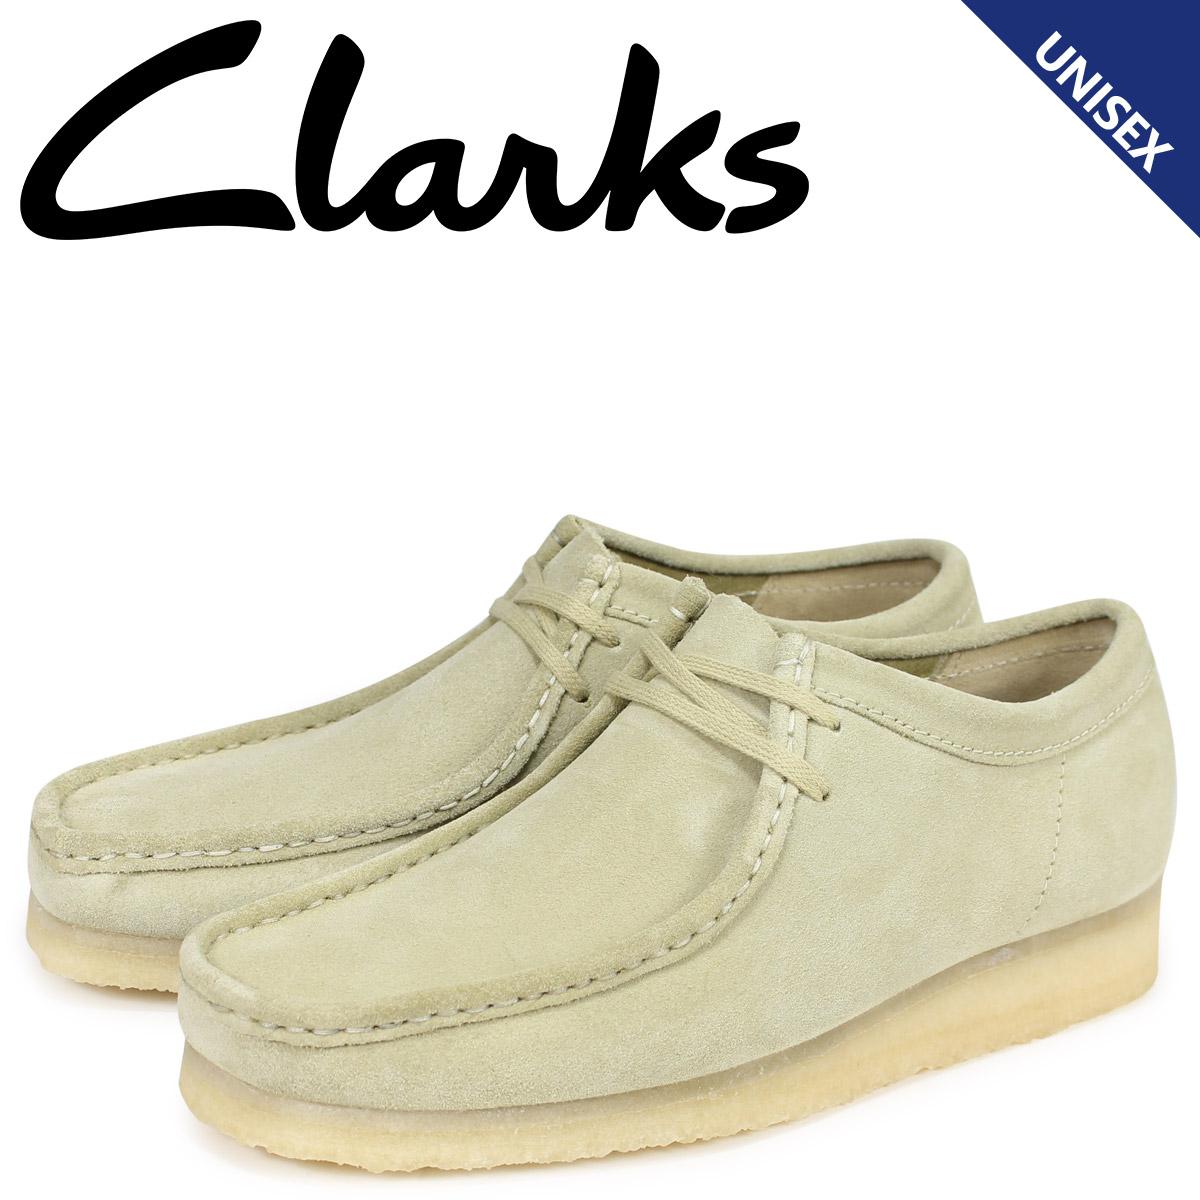 クラークス Clarks ワラビー ブーツ メンズ レディース WALLABEE メープルスエード ベージュ 26133278